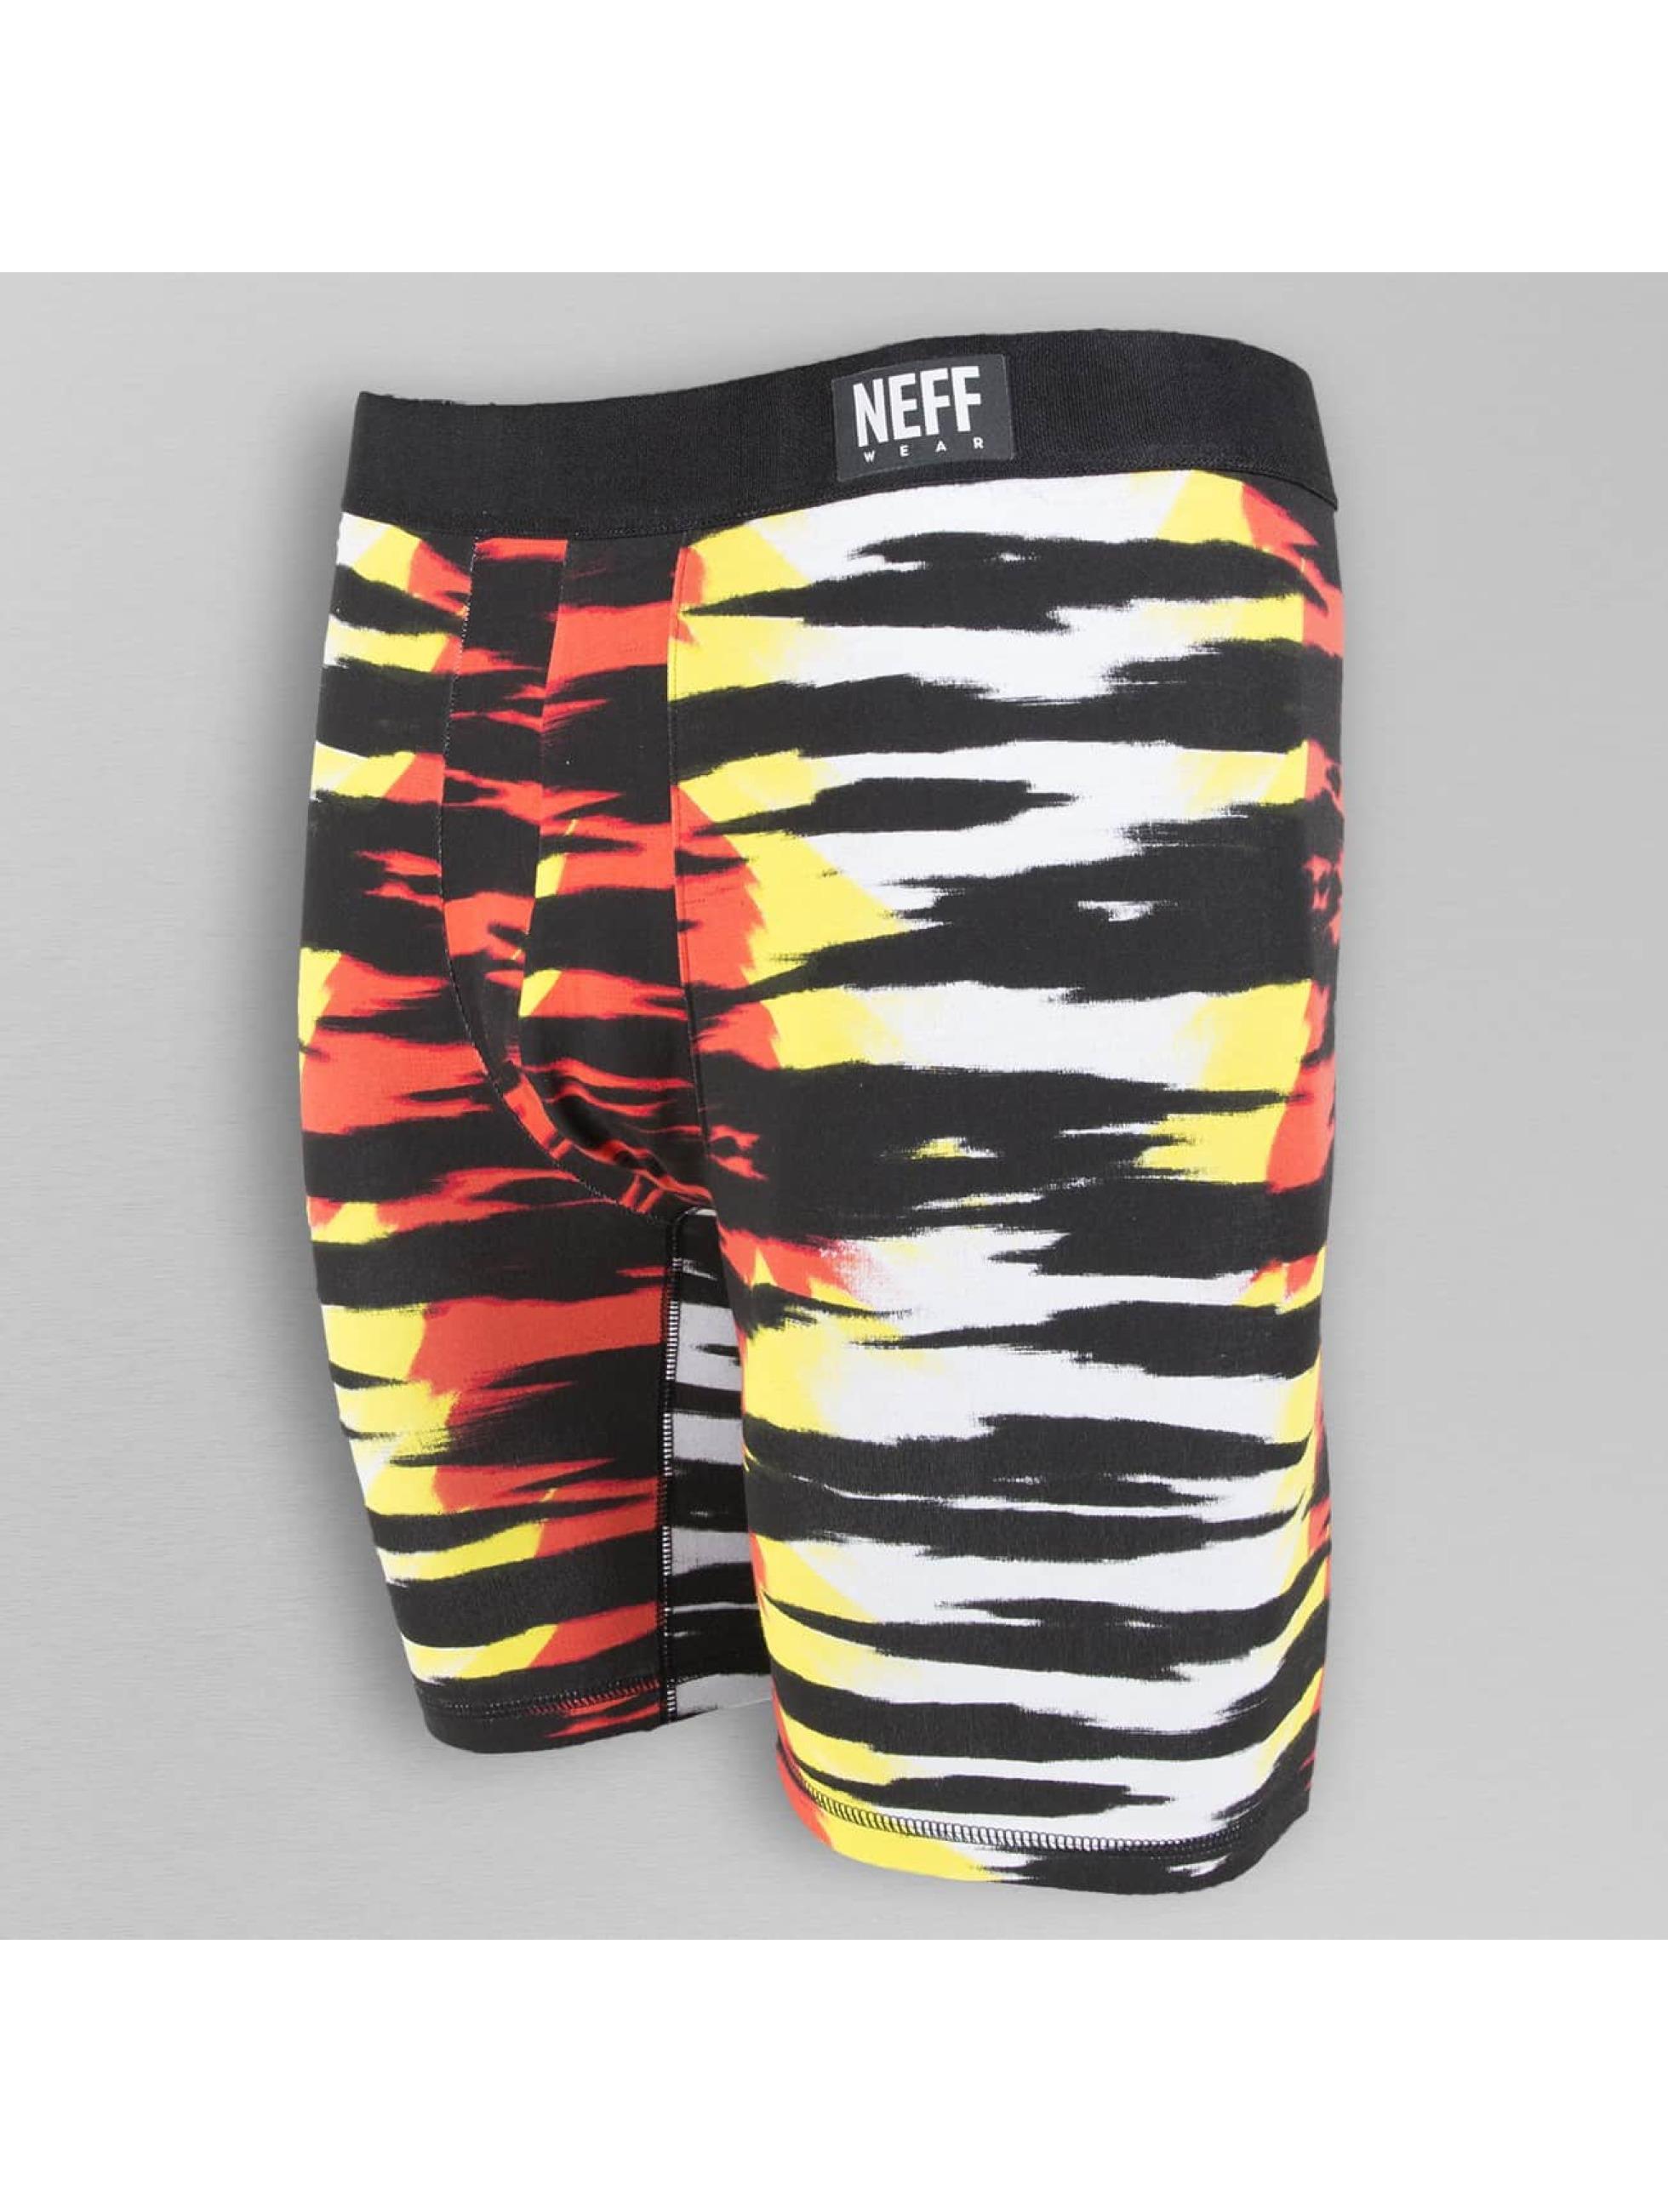 NEFF Boxershorts Daily Underwear Band schwarz